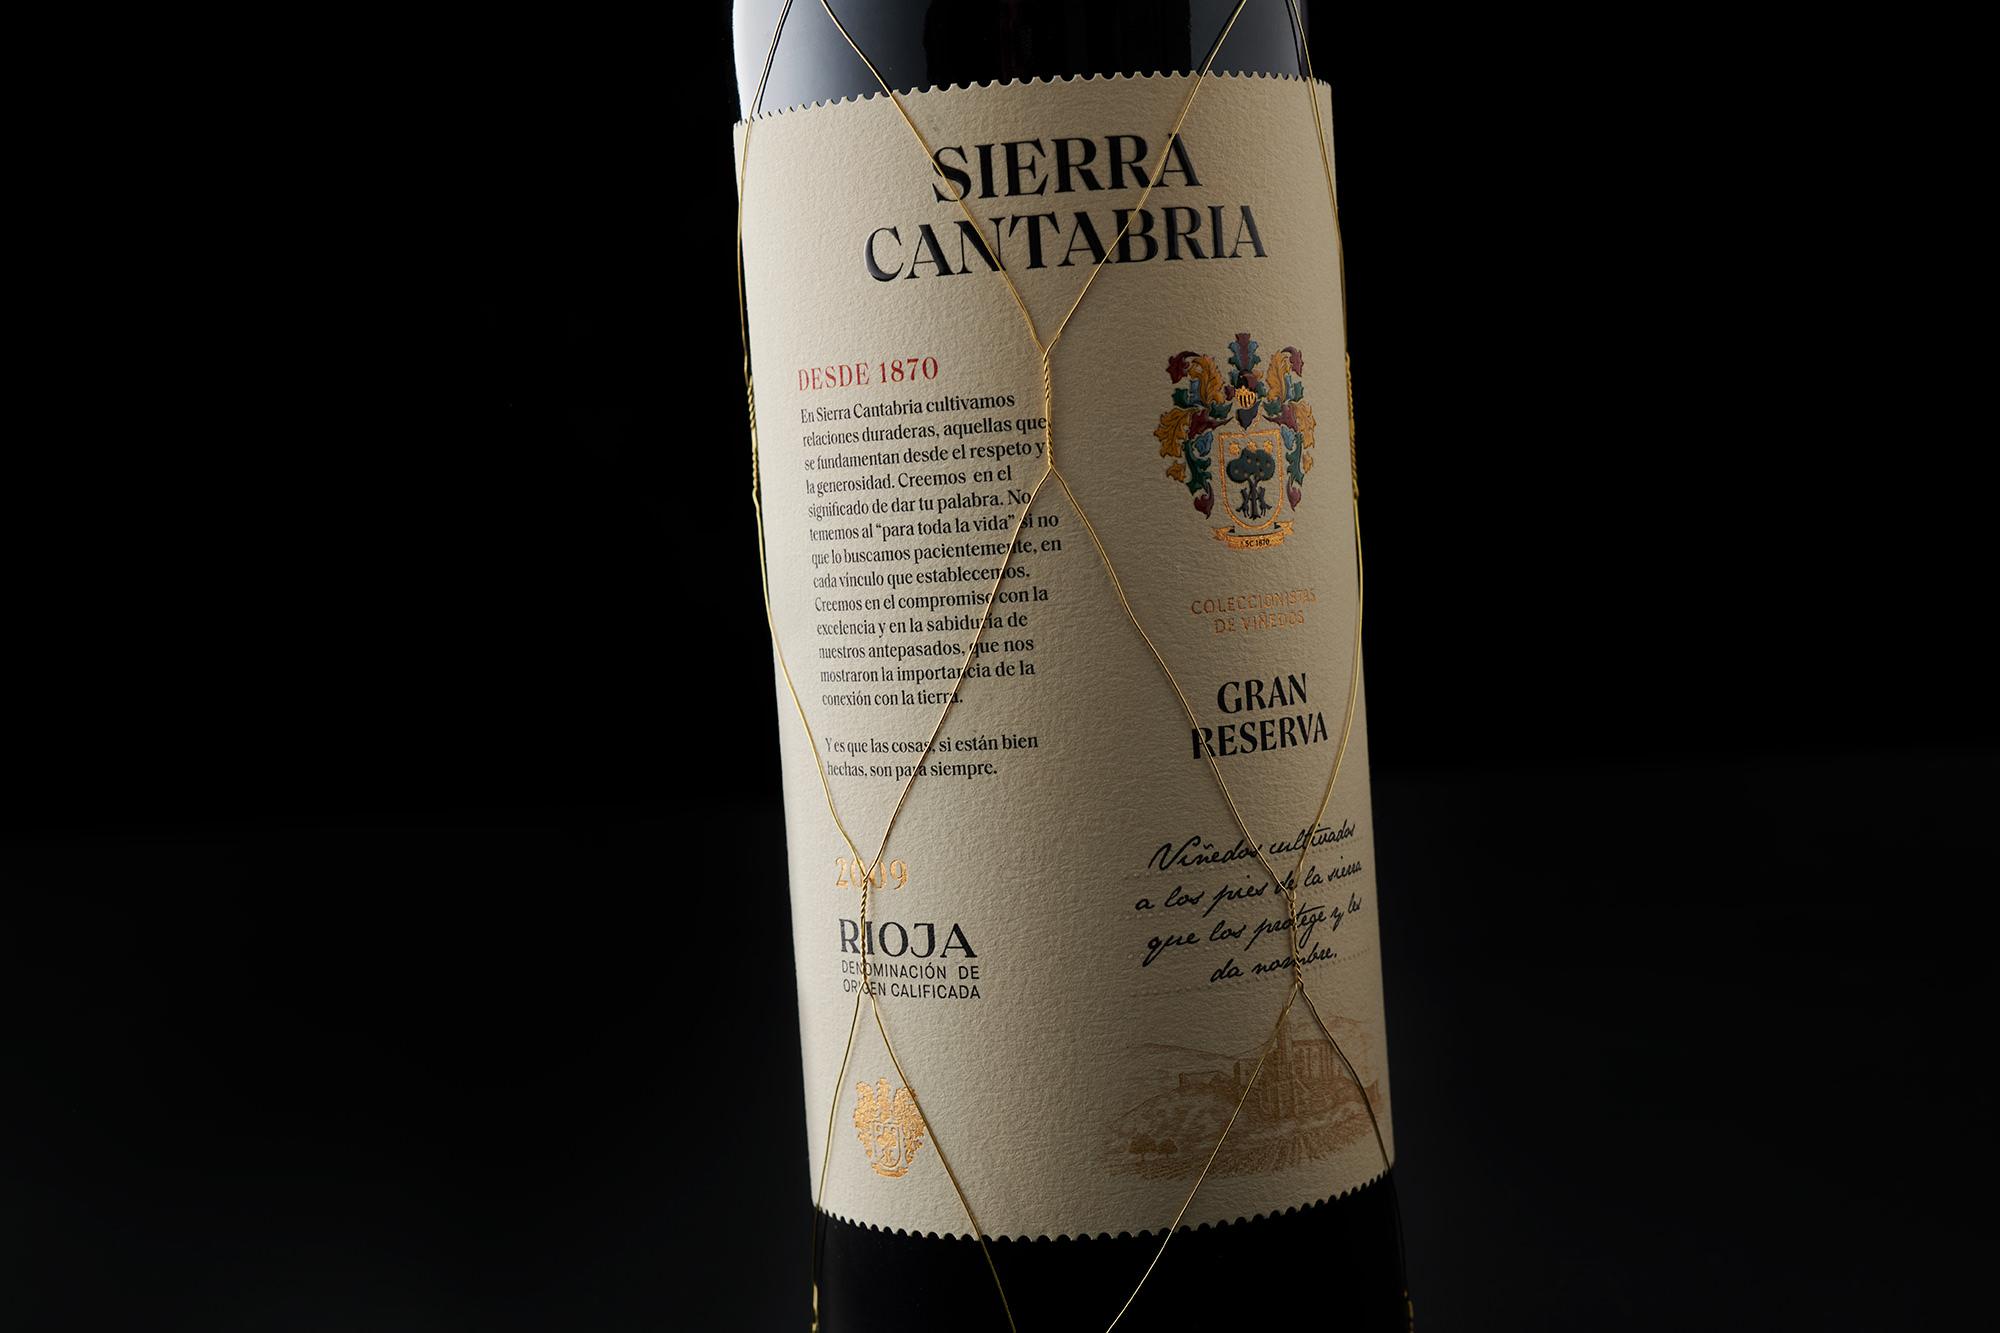 Sierra Cantabria4